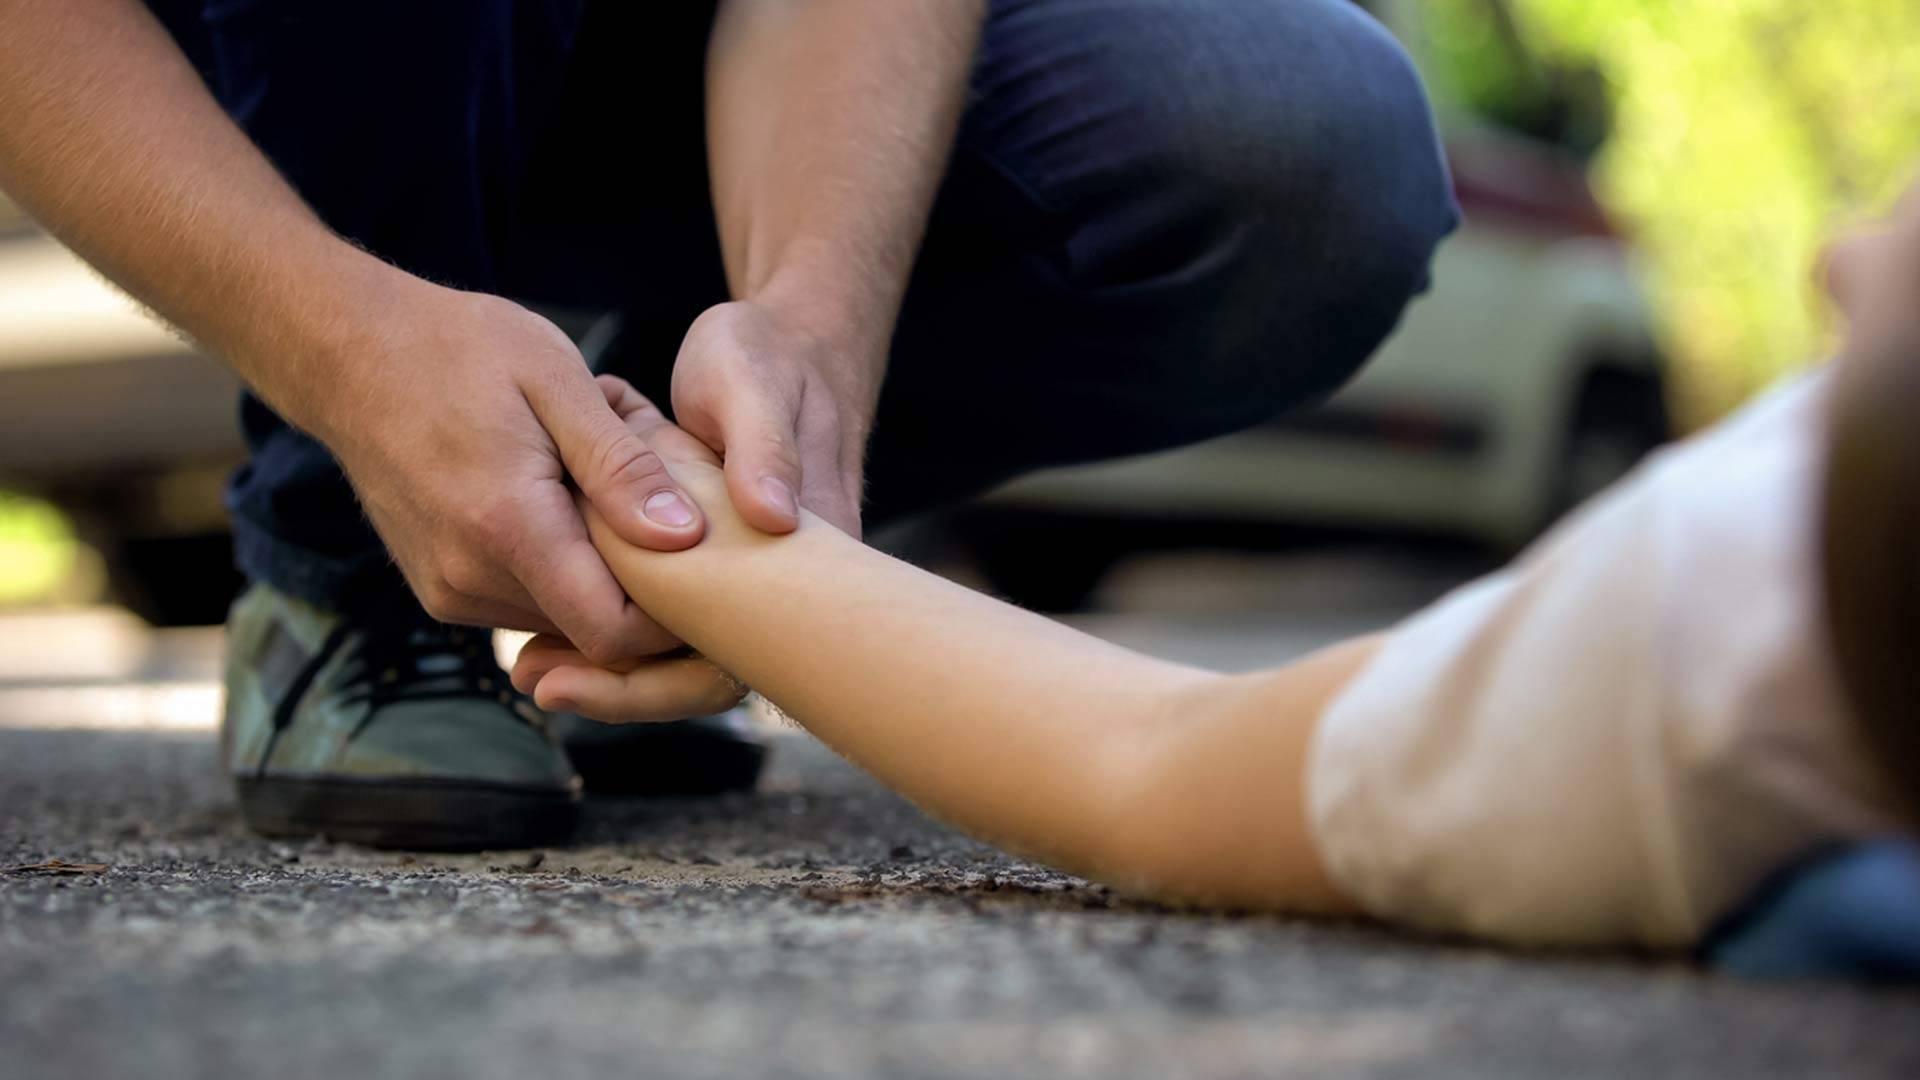 ¿Cómo puedes ayudar ante un accidente de tránsito?